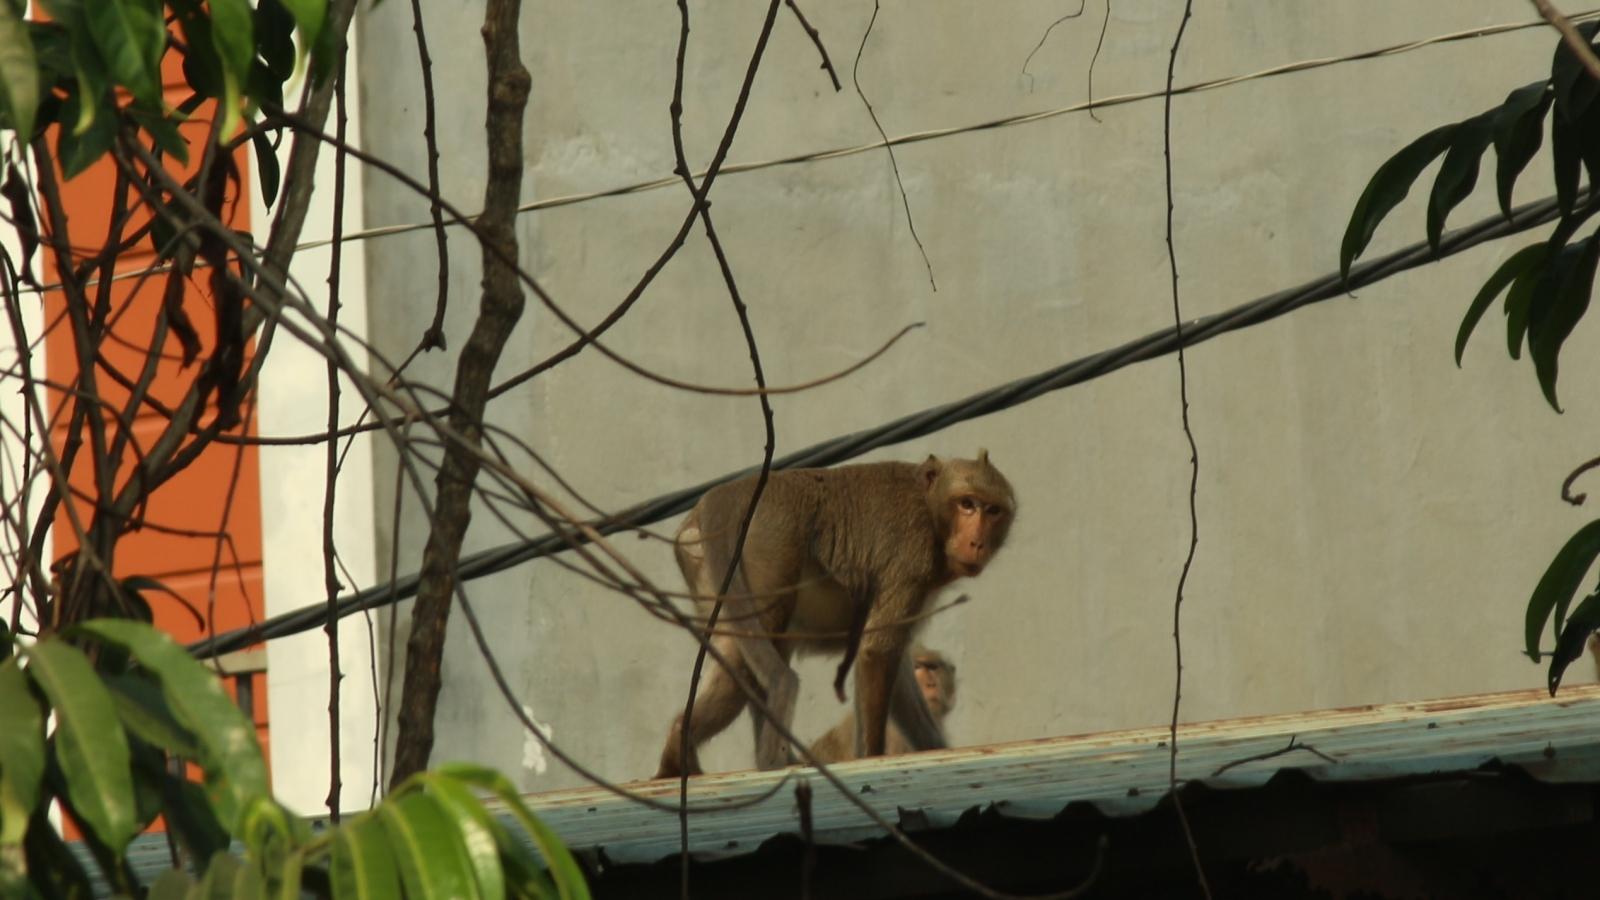 Đã bắt được con khỉ đầu đàn quậy phá khu dân cư ở TP.HCM